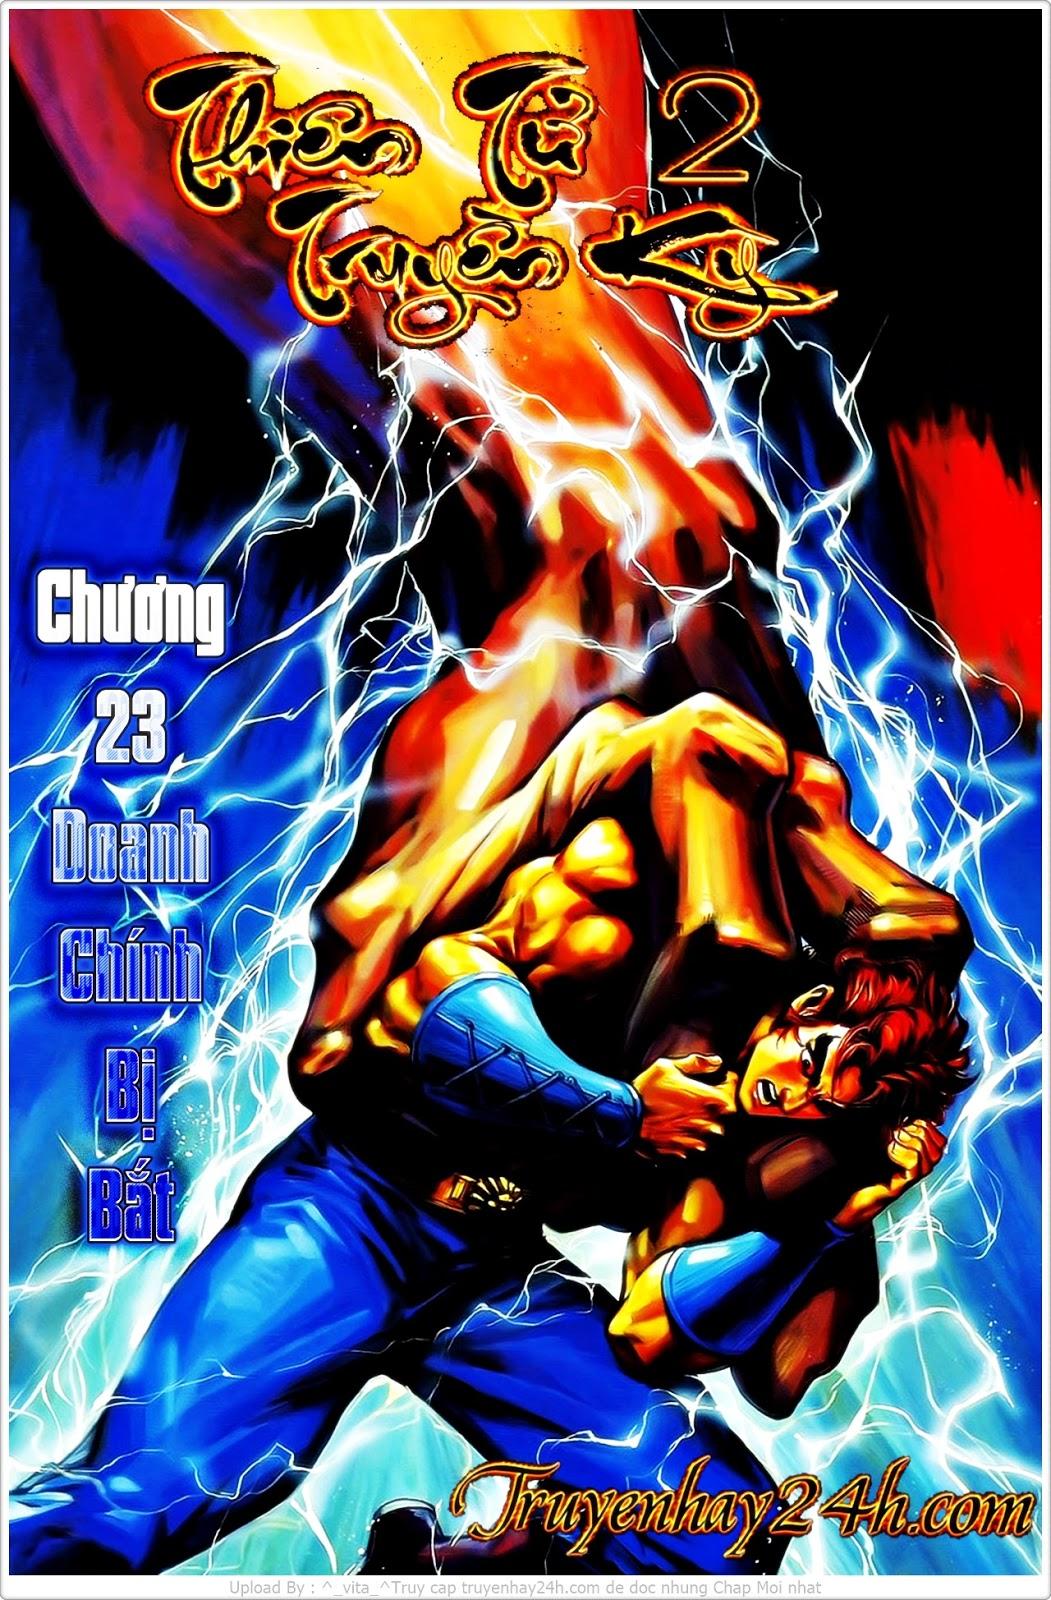 Tần Vương Doanh Chính chapter 23 trang 2